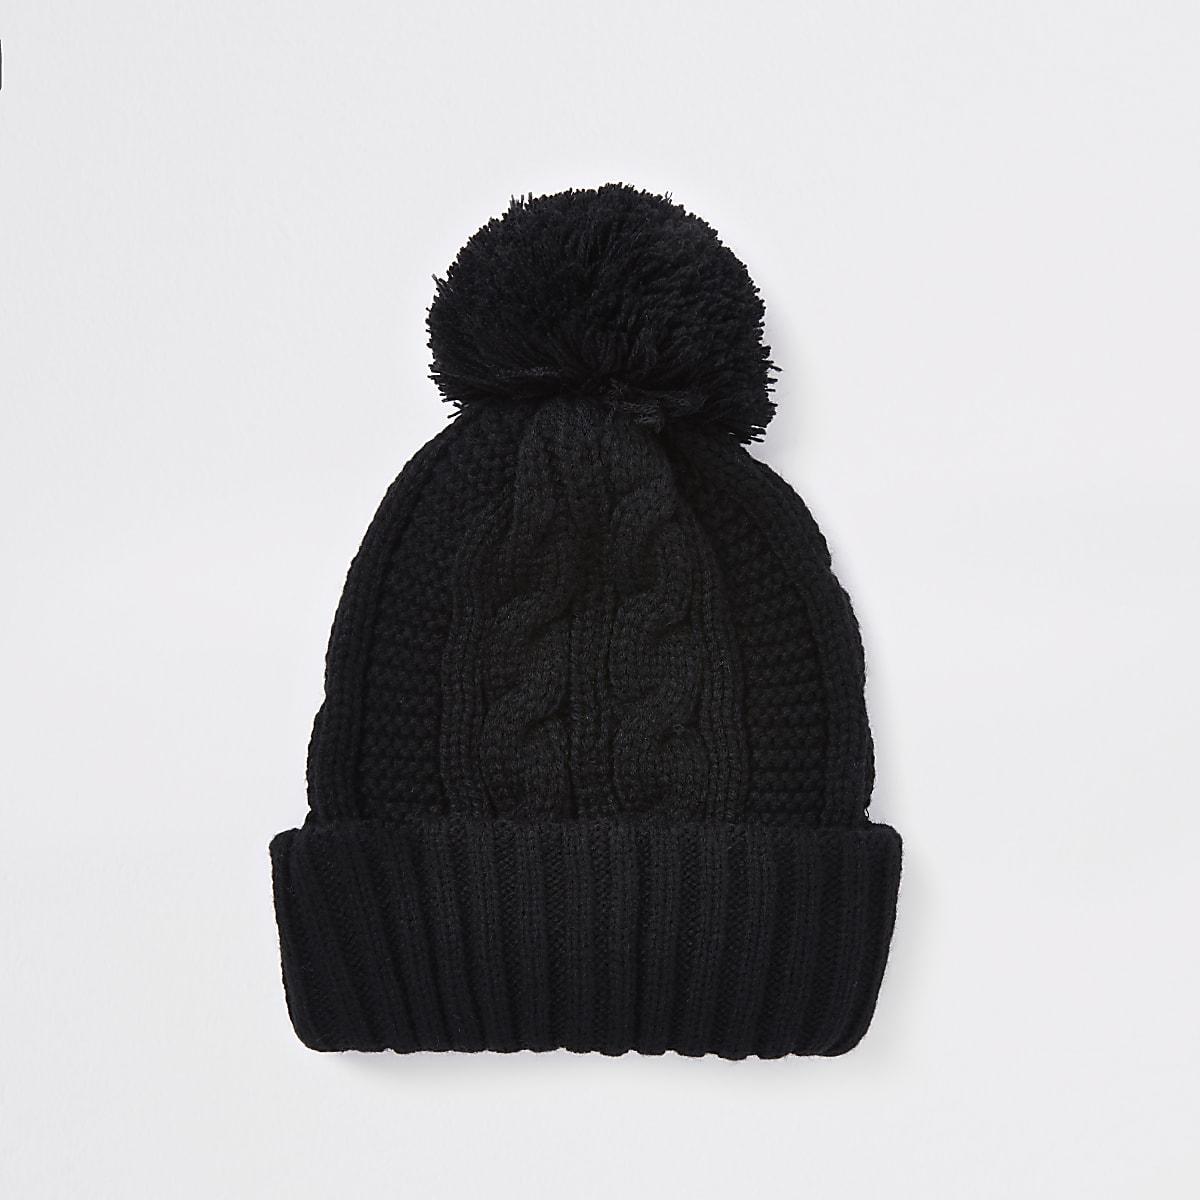 Black cable knit bobble beanie hat